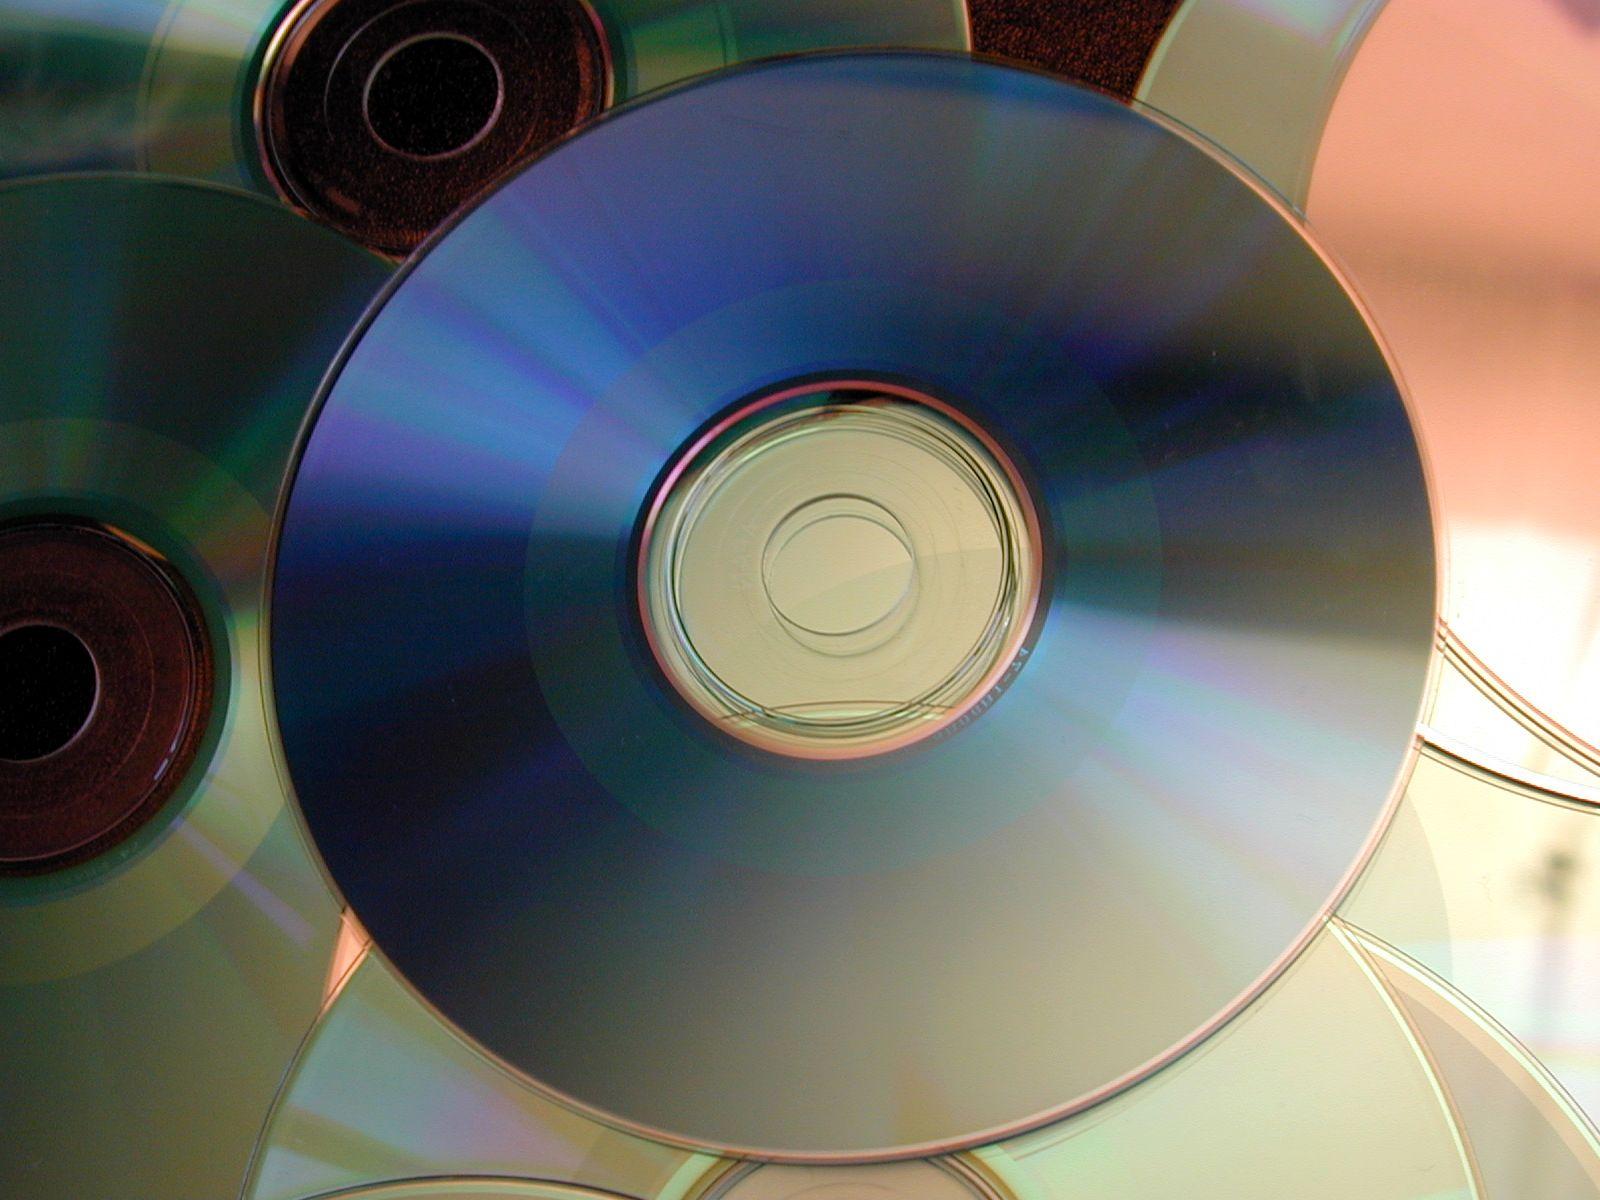 Aquarius Season 2 dvd boxset sale